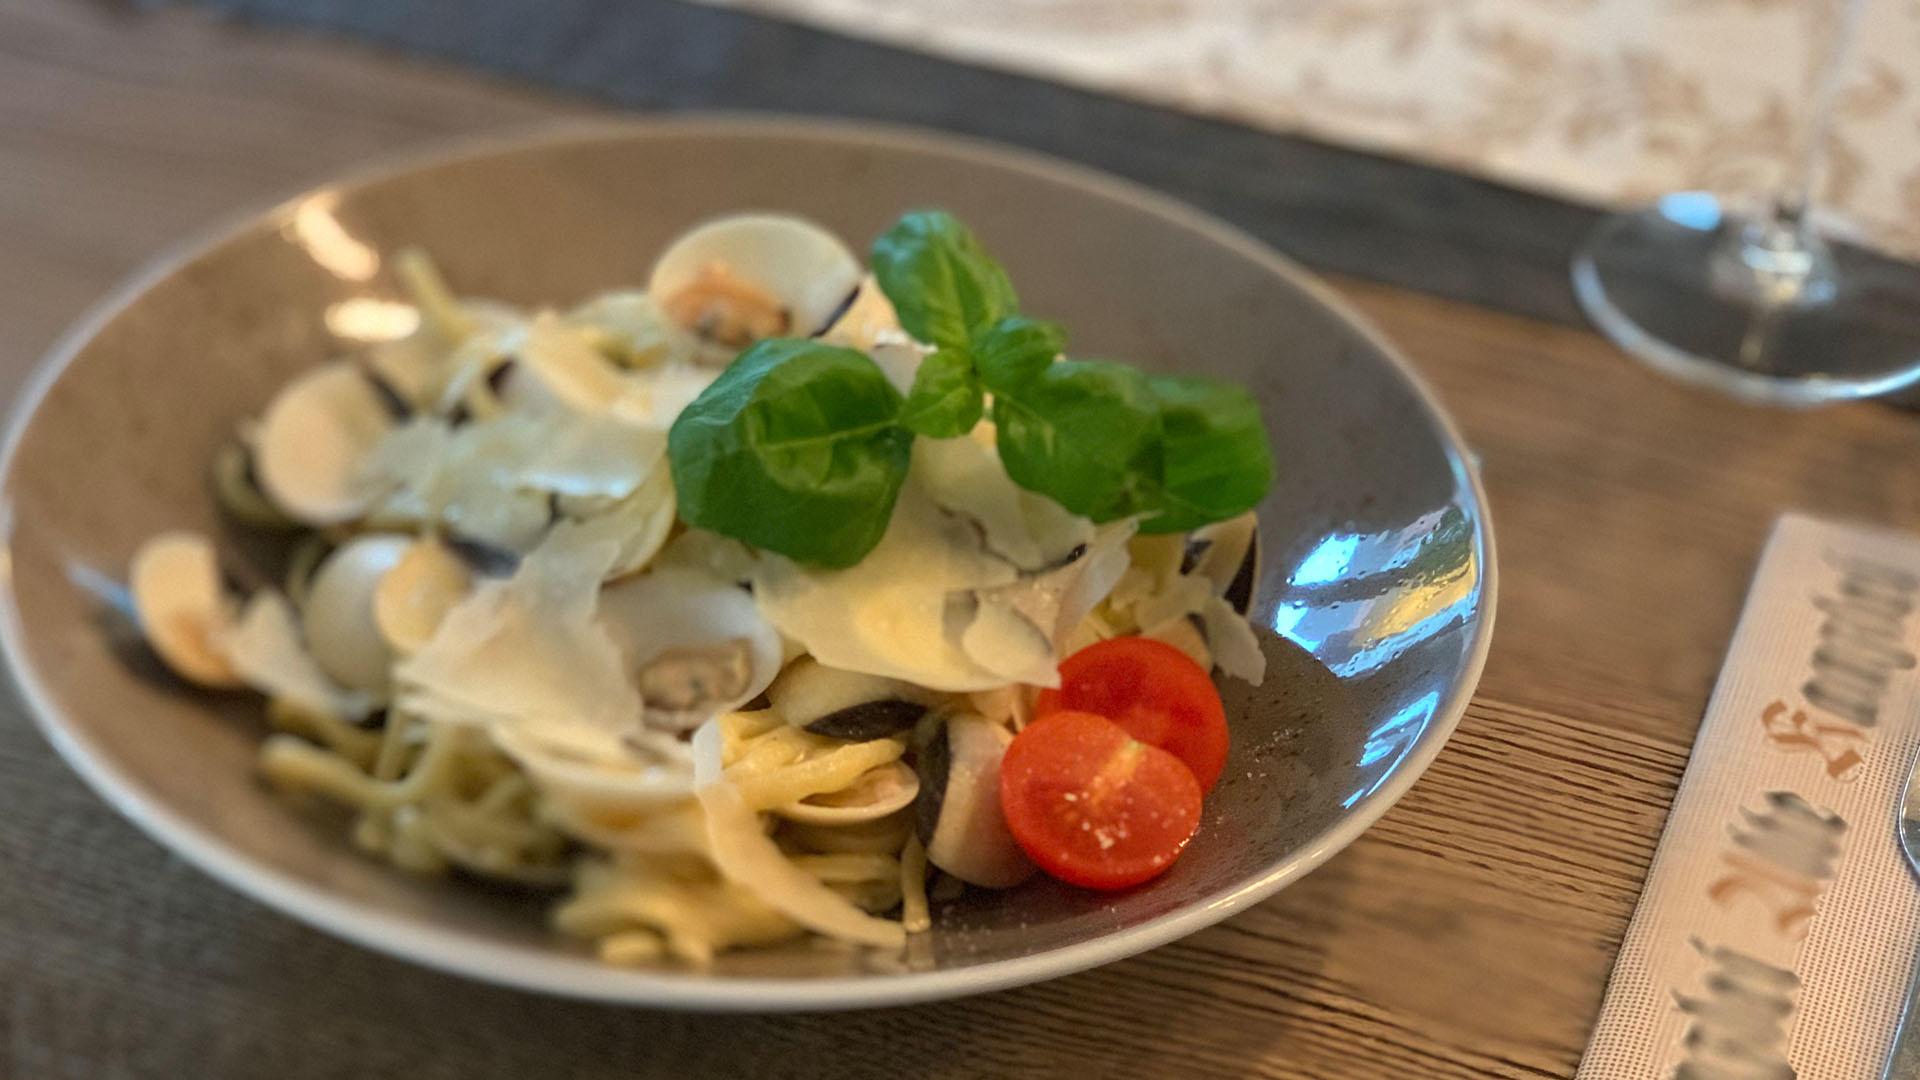 Frisch gerösteter Kaffee aus der Bodensee-Region